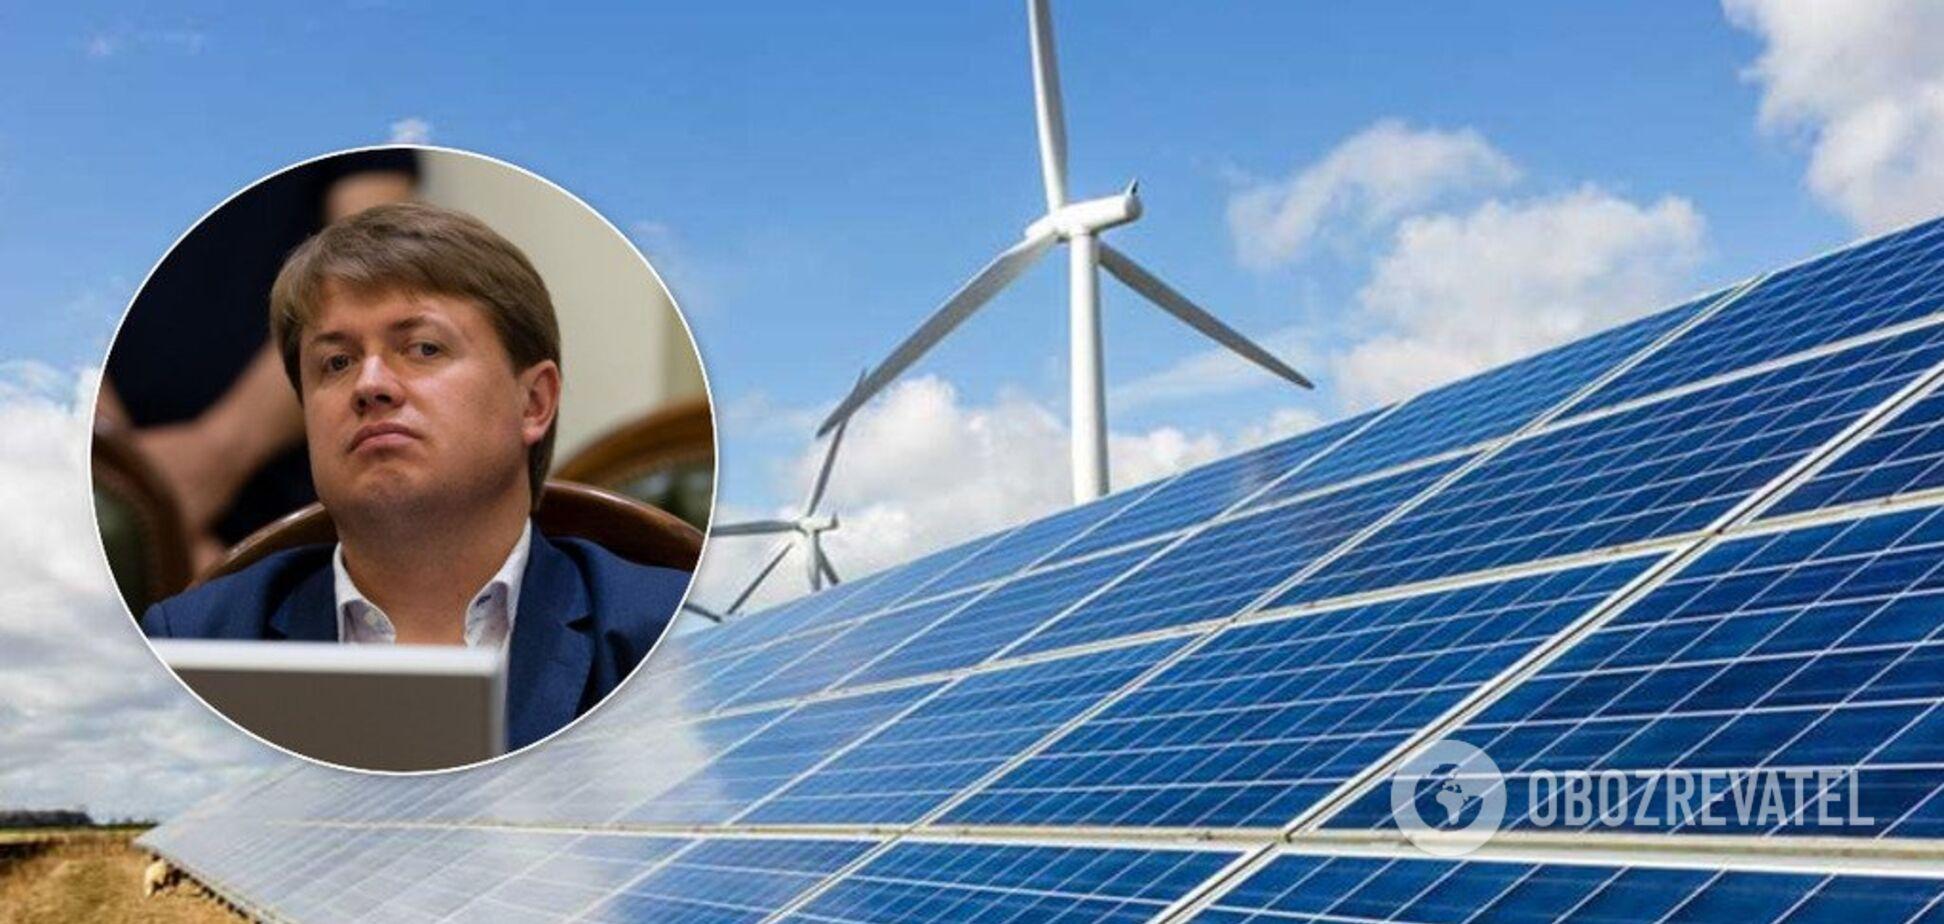 В Украине хотят отменить льготы для 'зеленой' энергетики: Герус сделал заявление